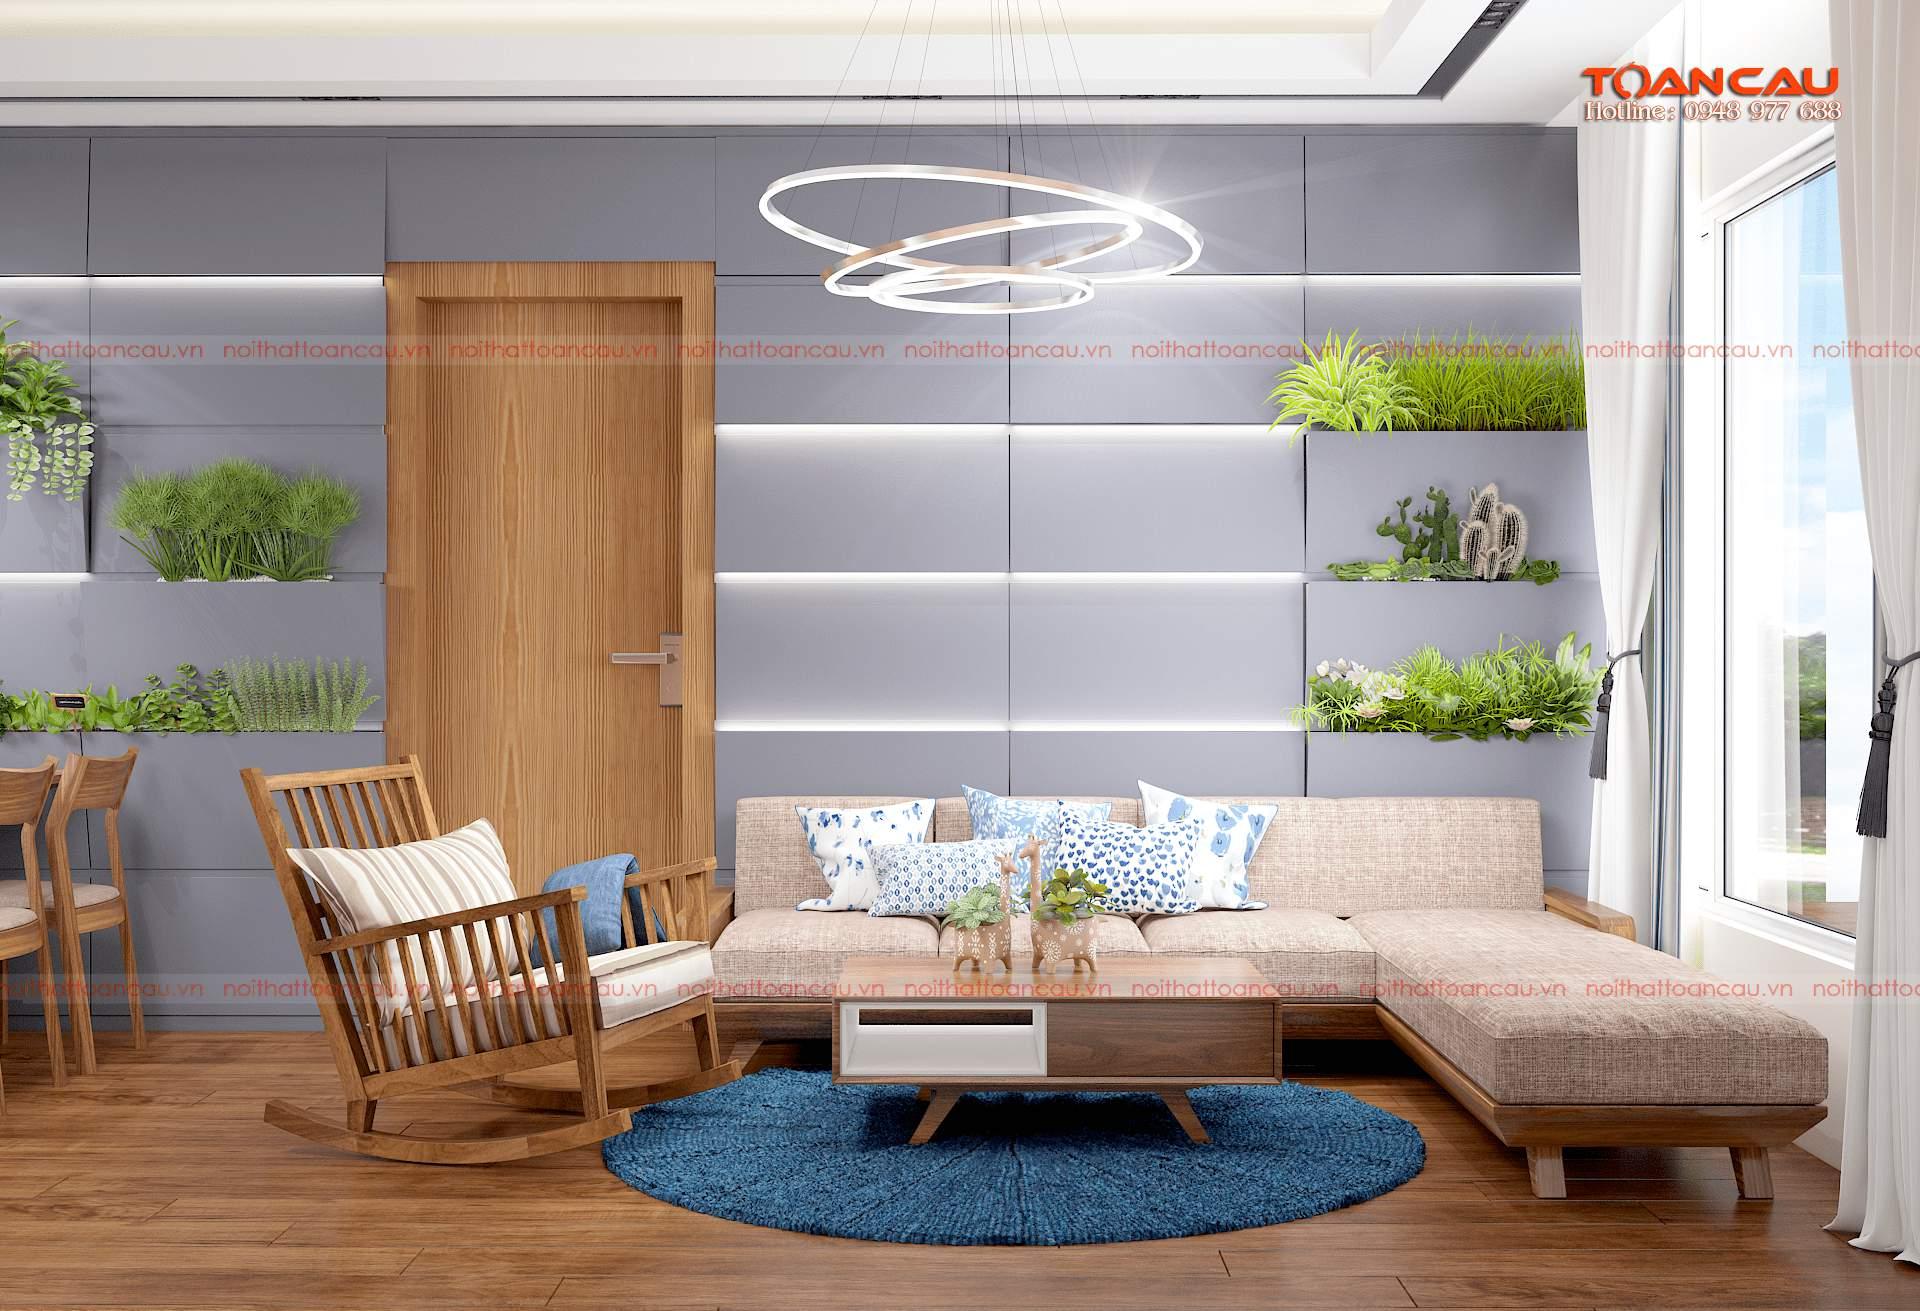 Giải pháp phong thủy cho căn hộ chung cư